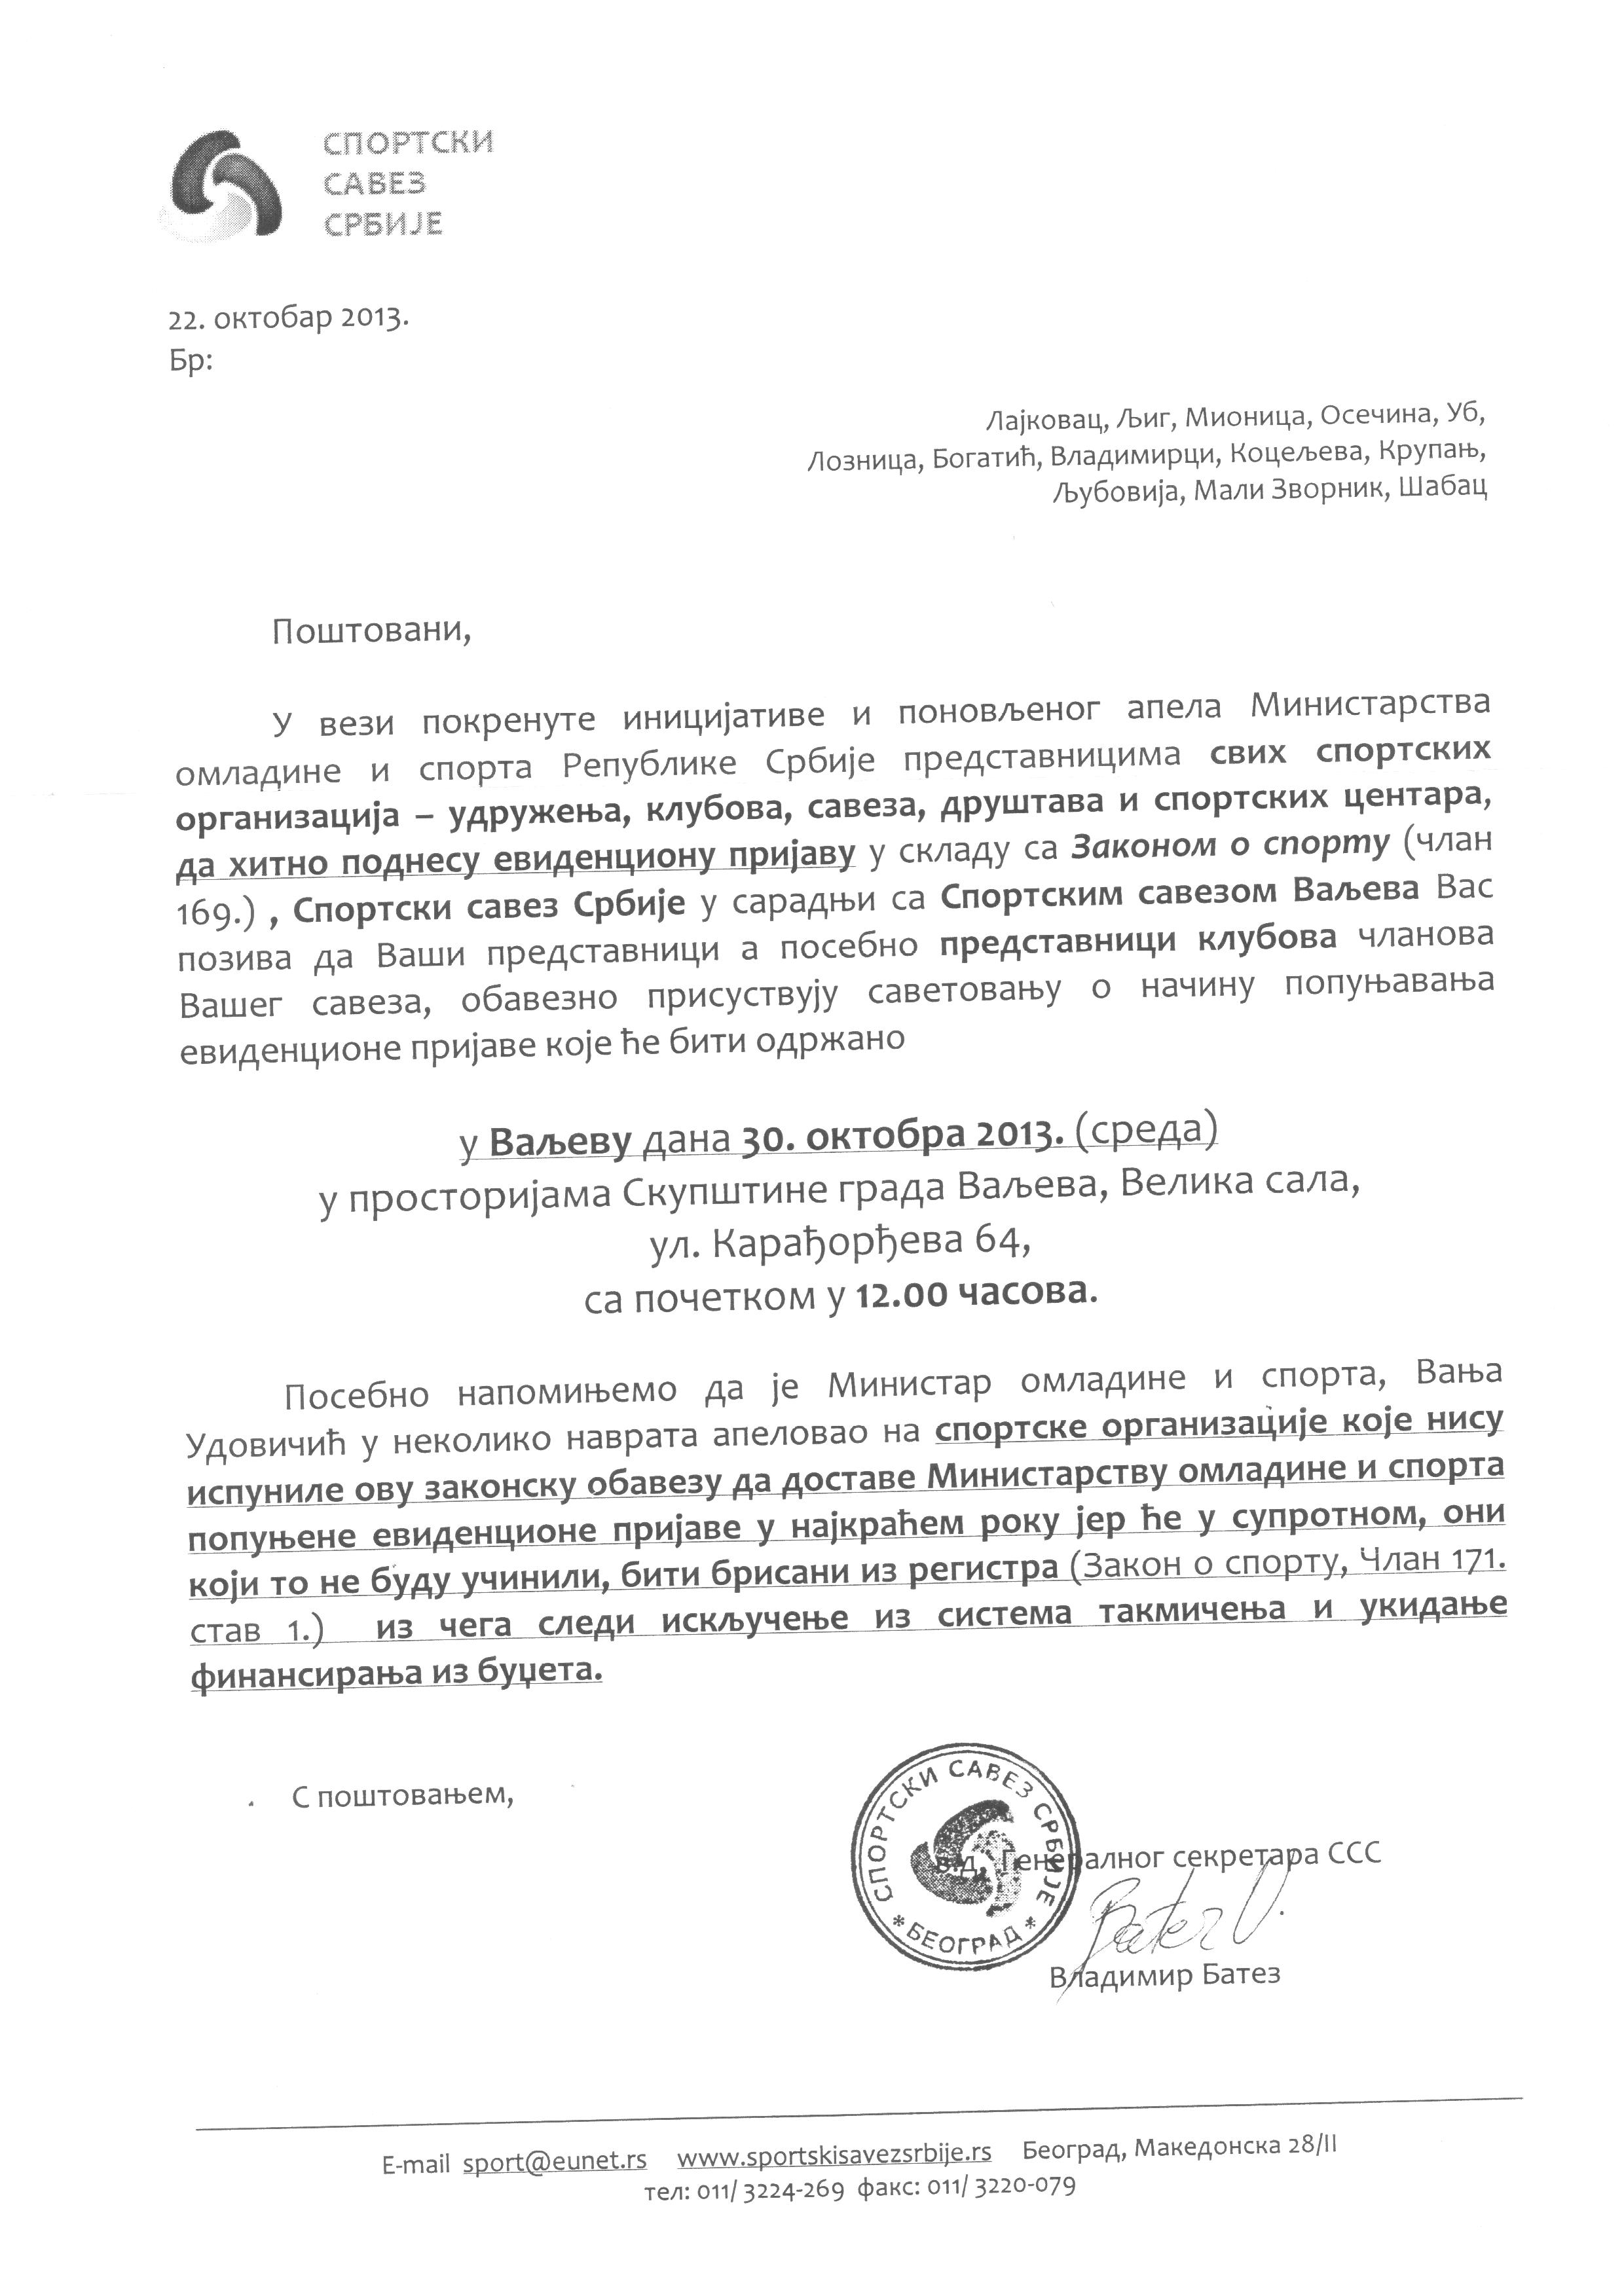 sportski savez srbije obavetenje u vezi slanja evidencione prijave MOSu-page-001